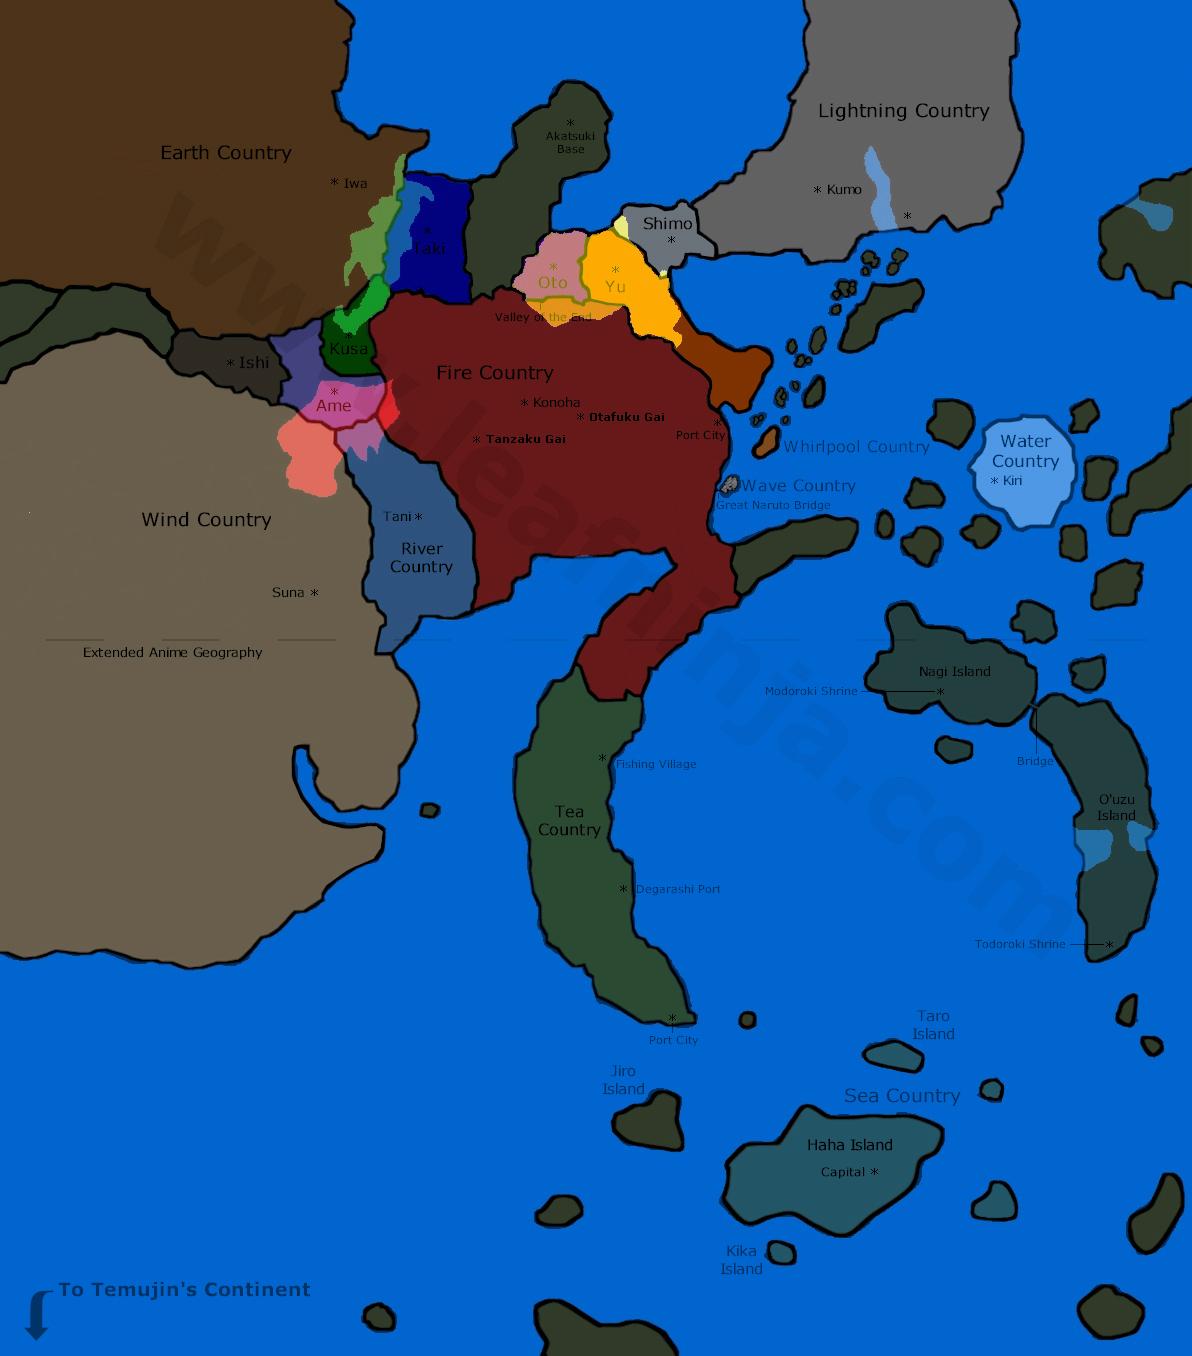 Gamemap overlay